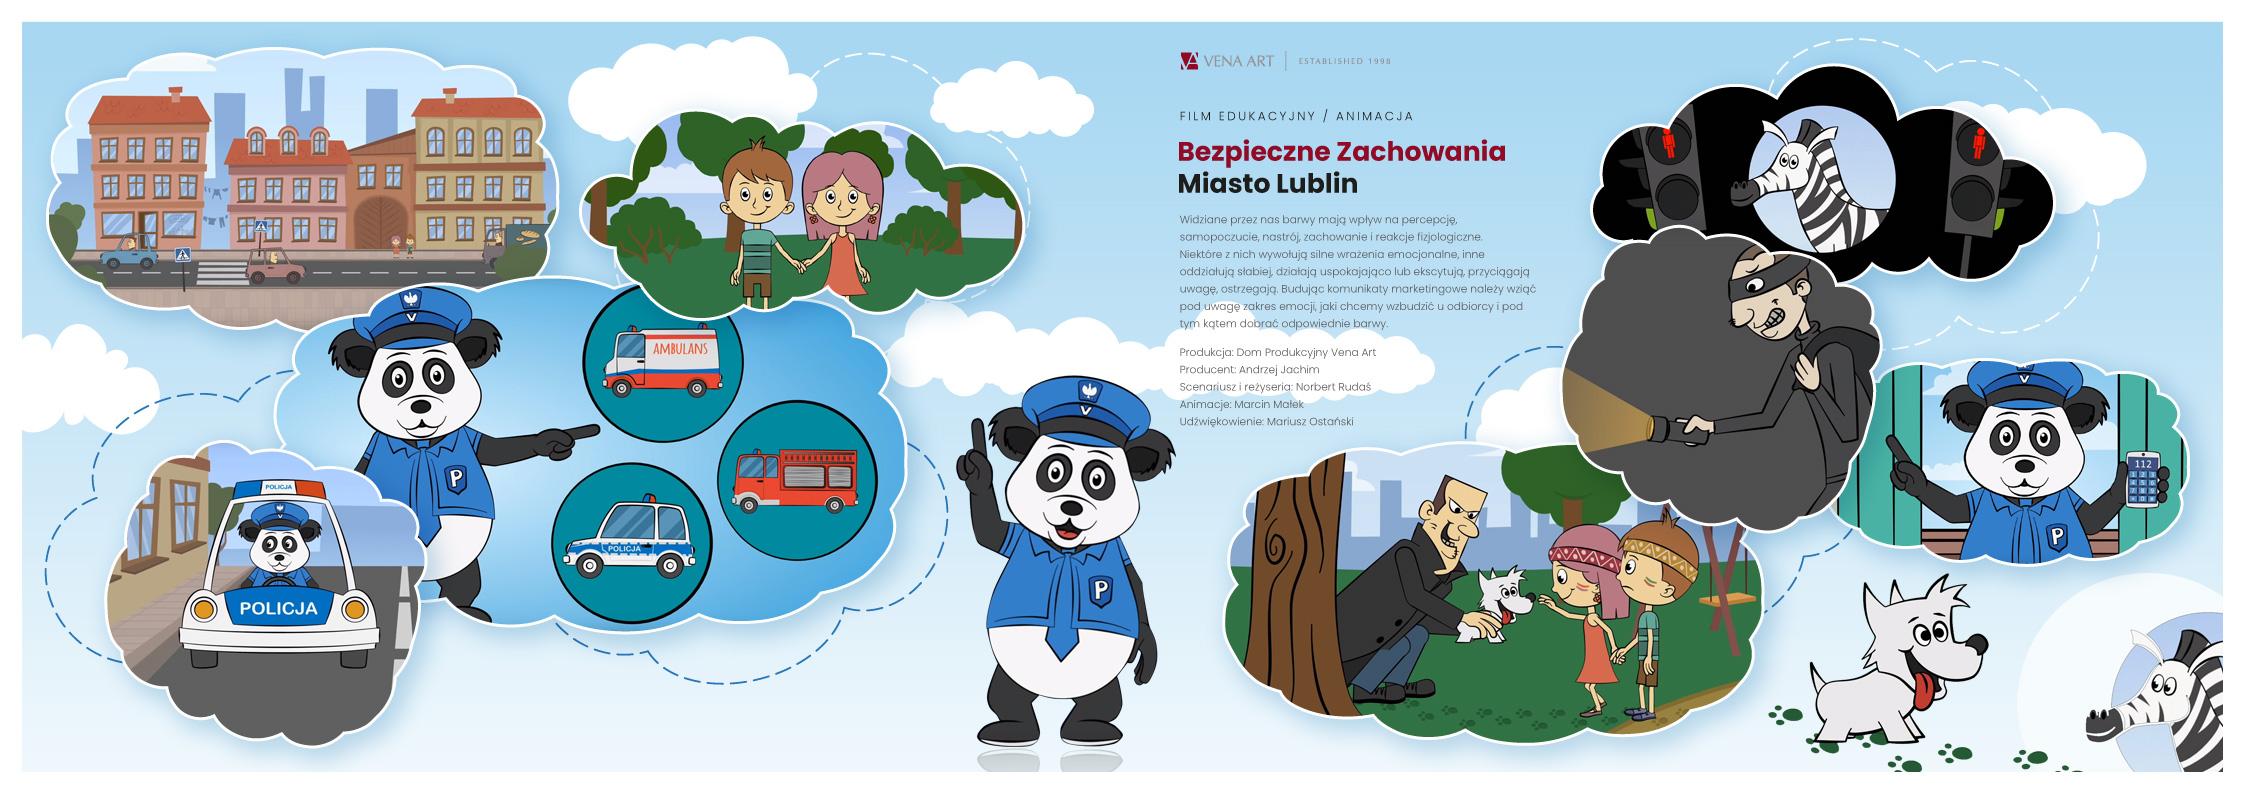 Bezpieczne Zachowania —Miasto Lublin